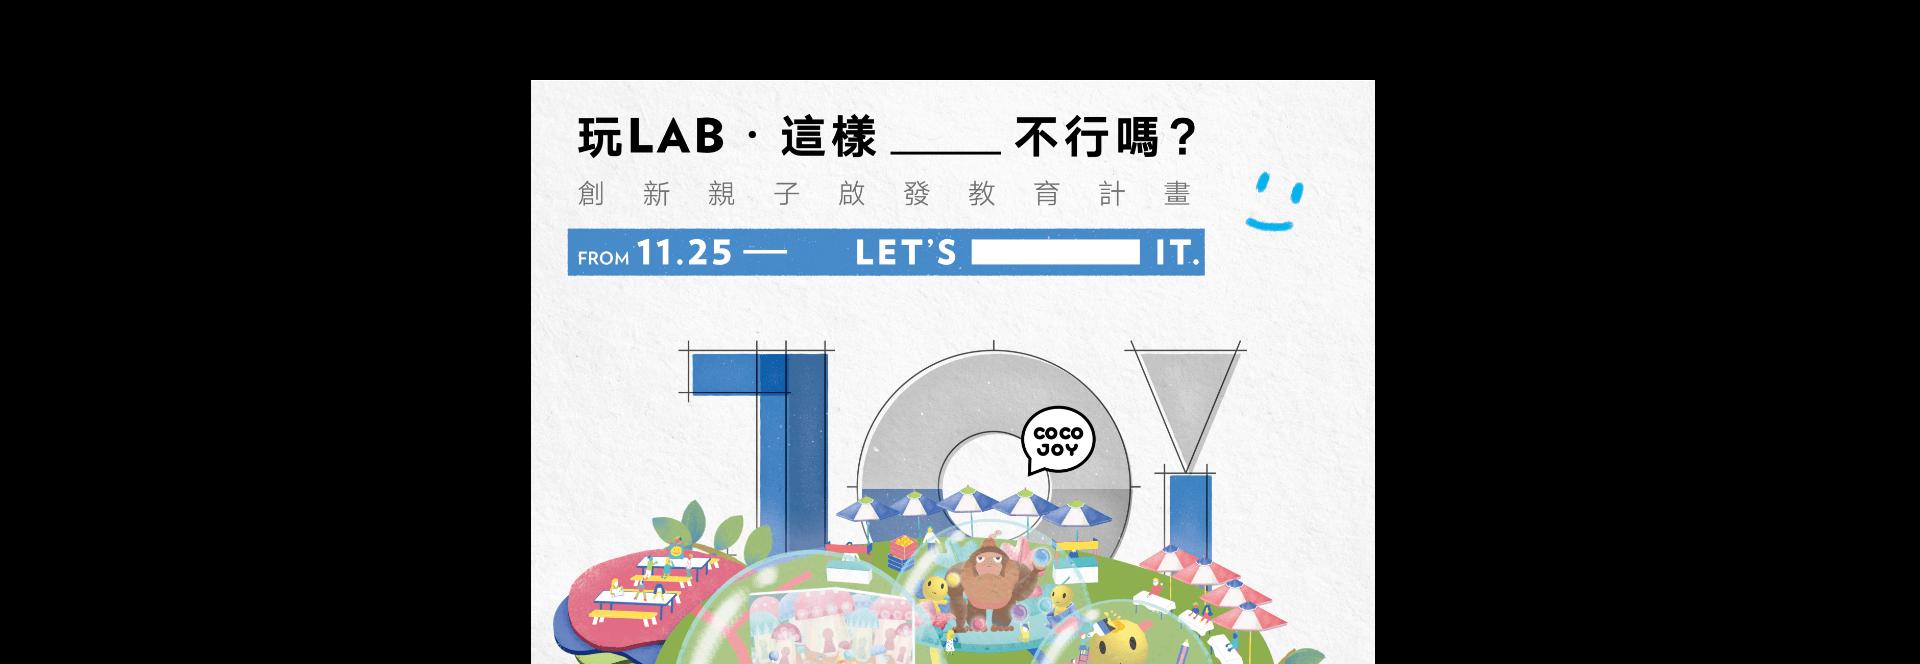 joy_lab